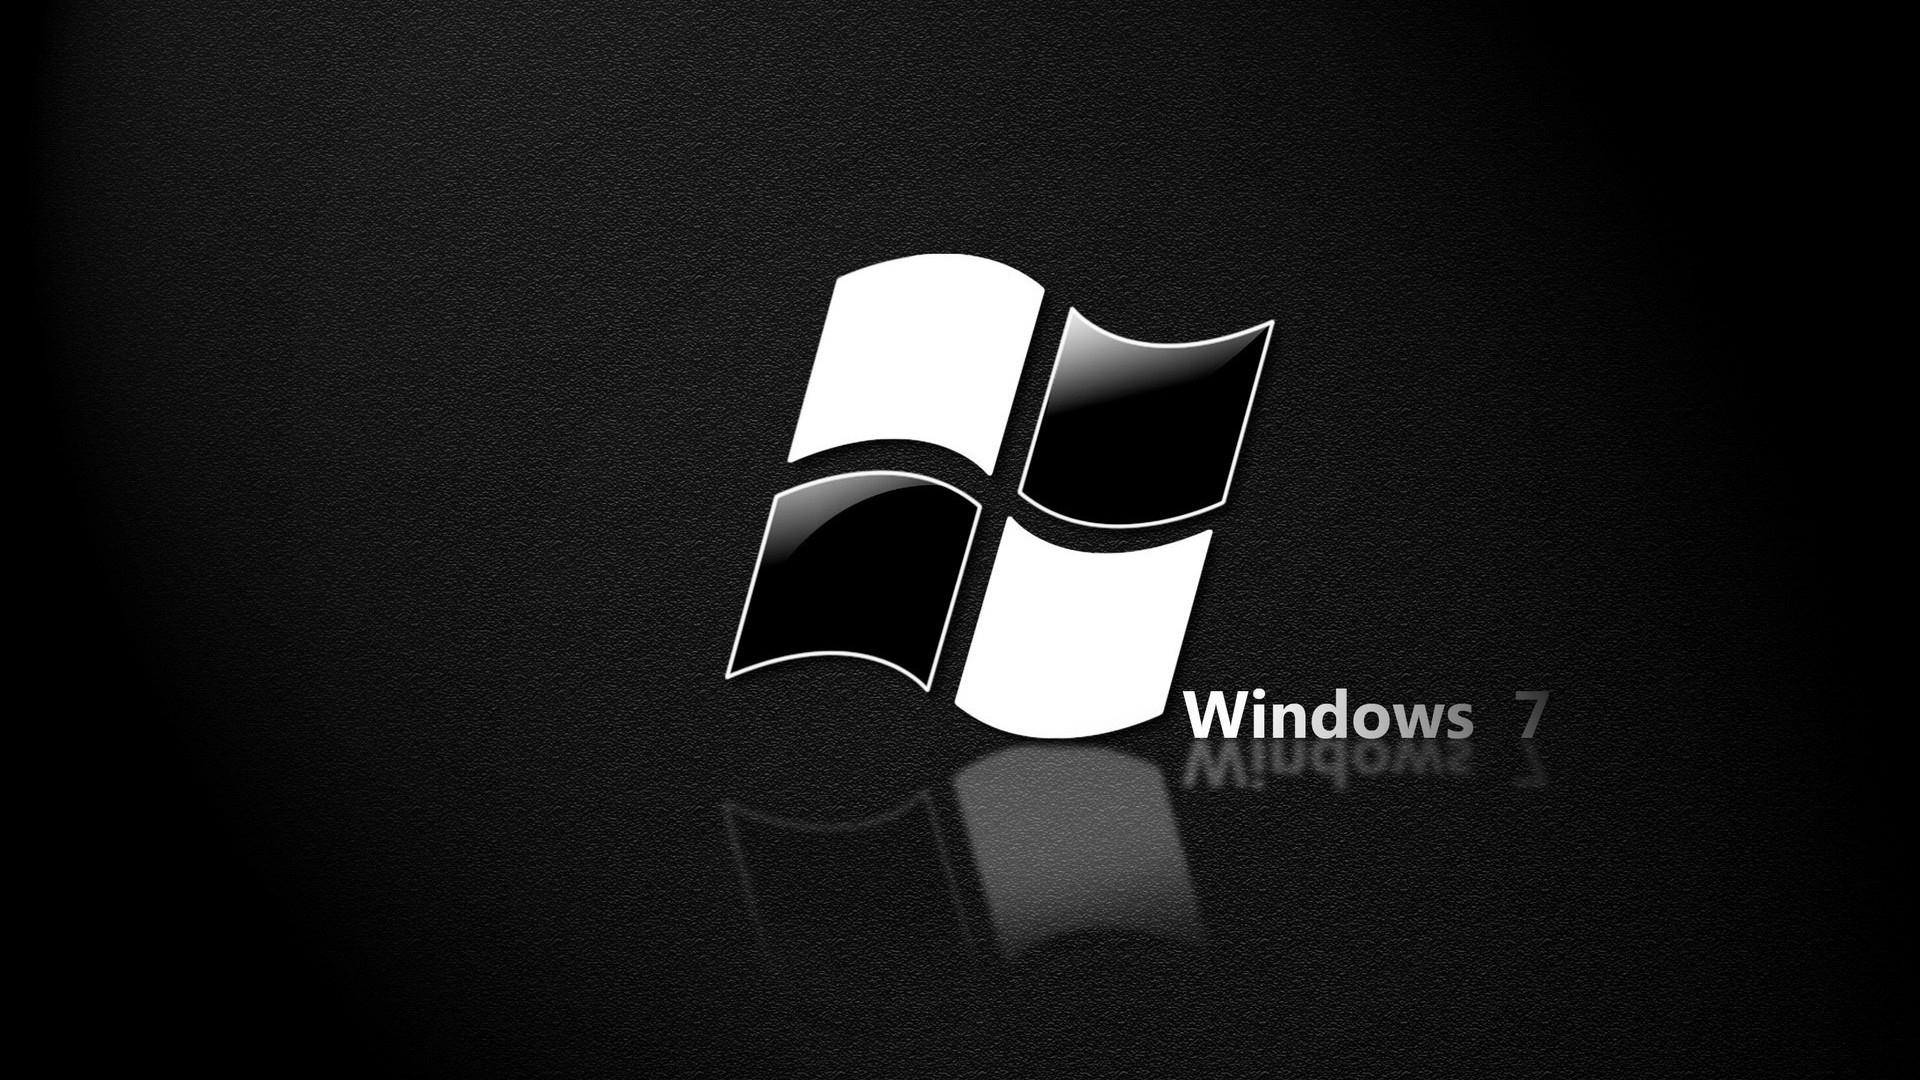 скачать windows 7 картинки на рабочий стол